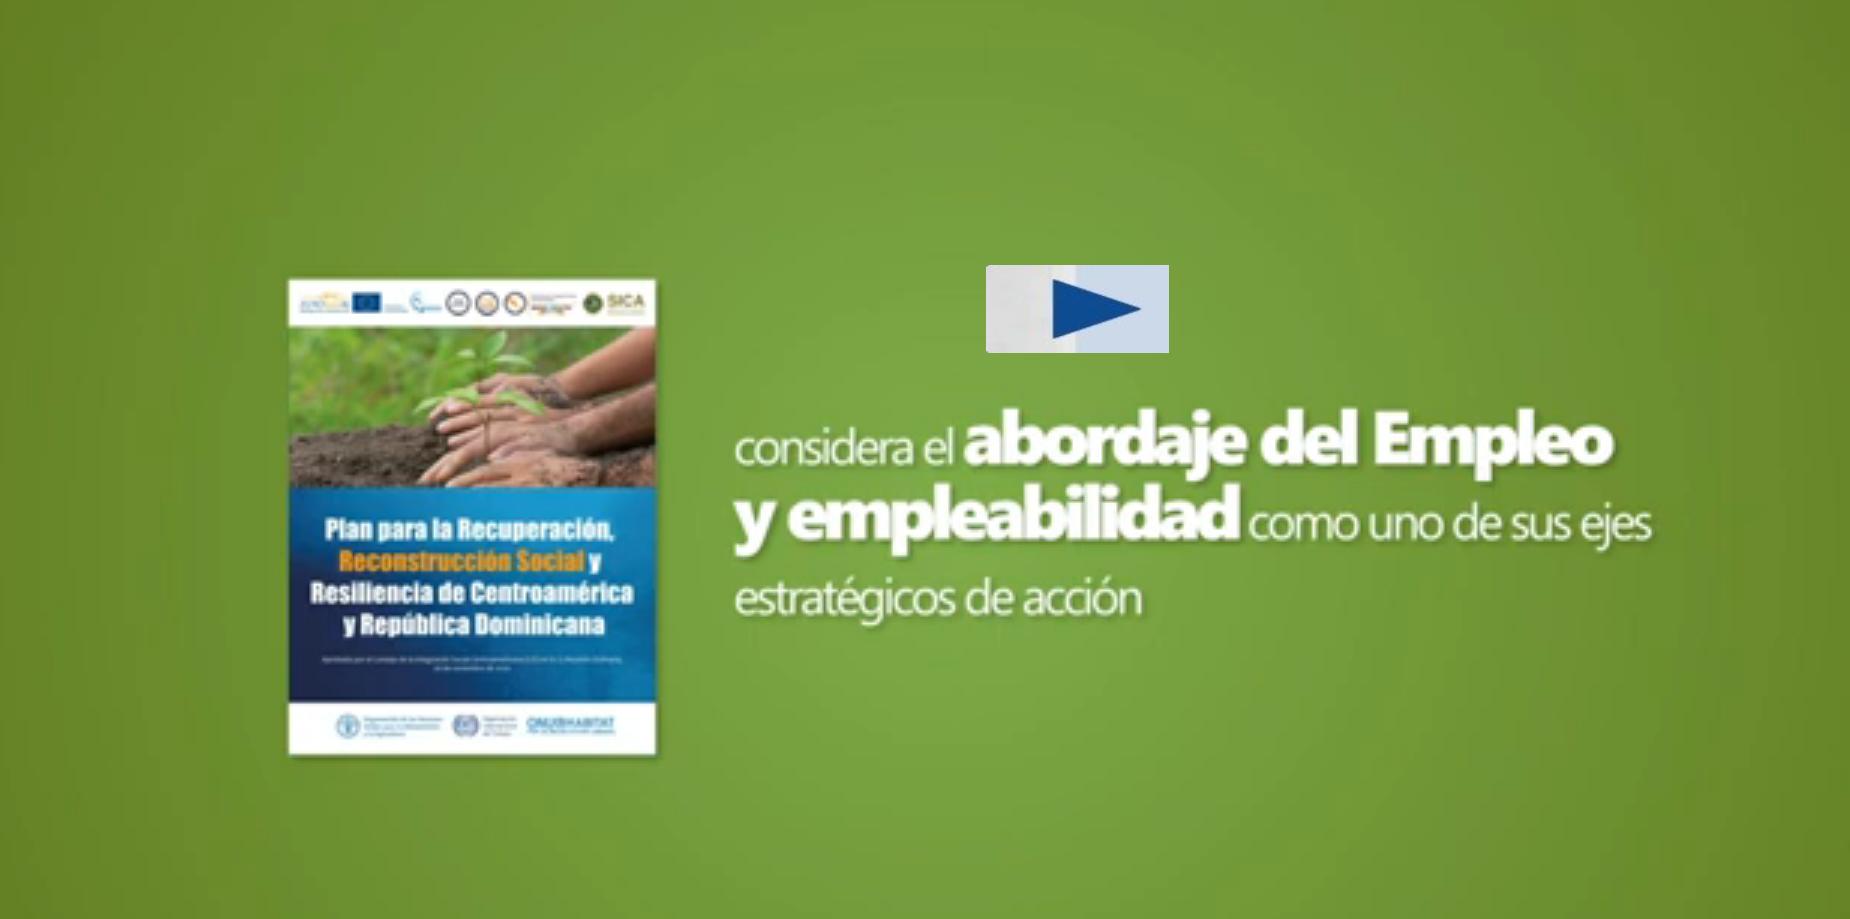 El empleo y la empleabilidad: eje 2 del Plan 3R para Centroamérica y República Dominicana